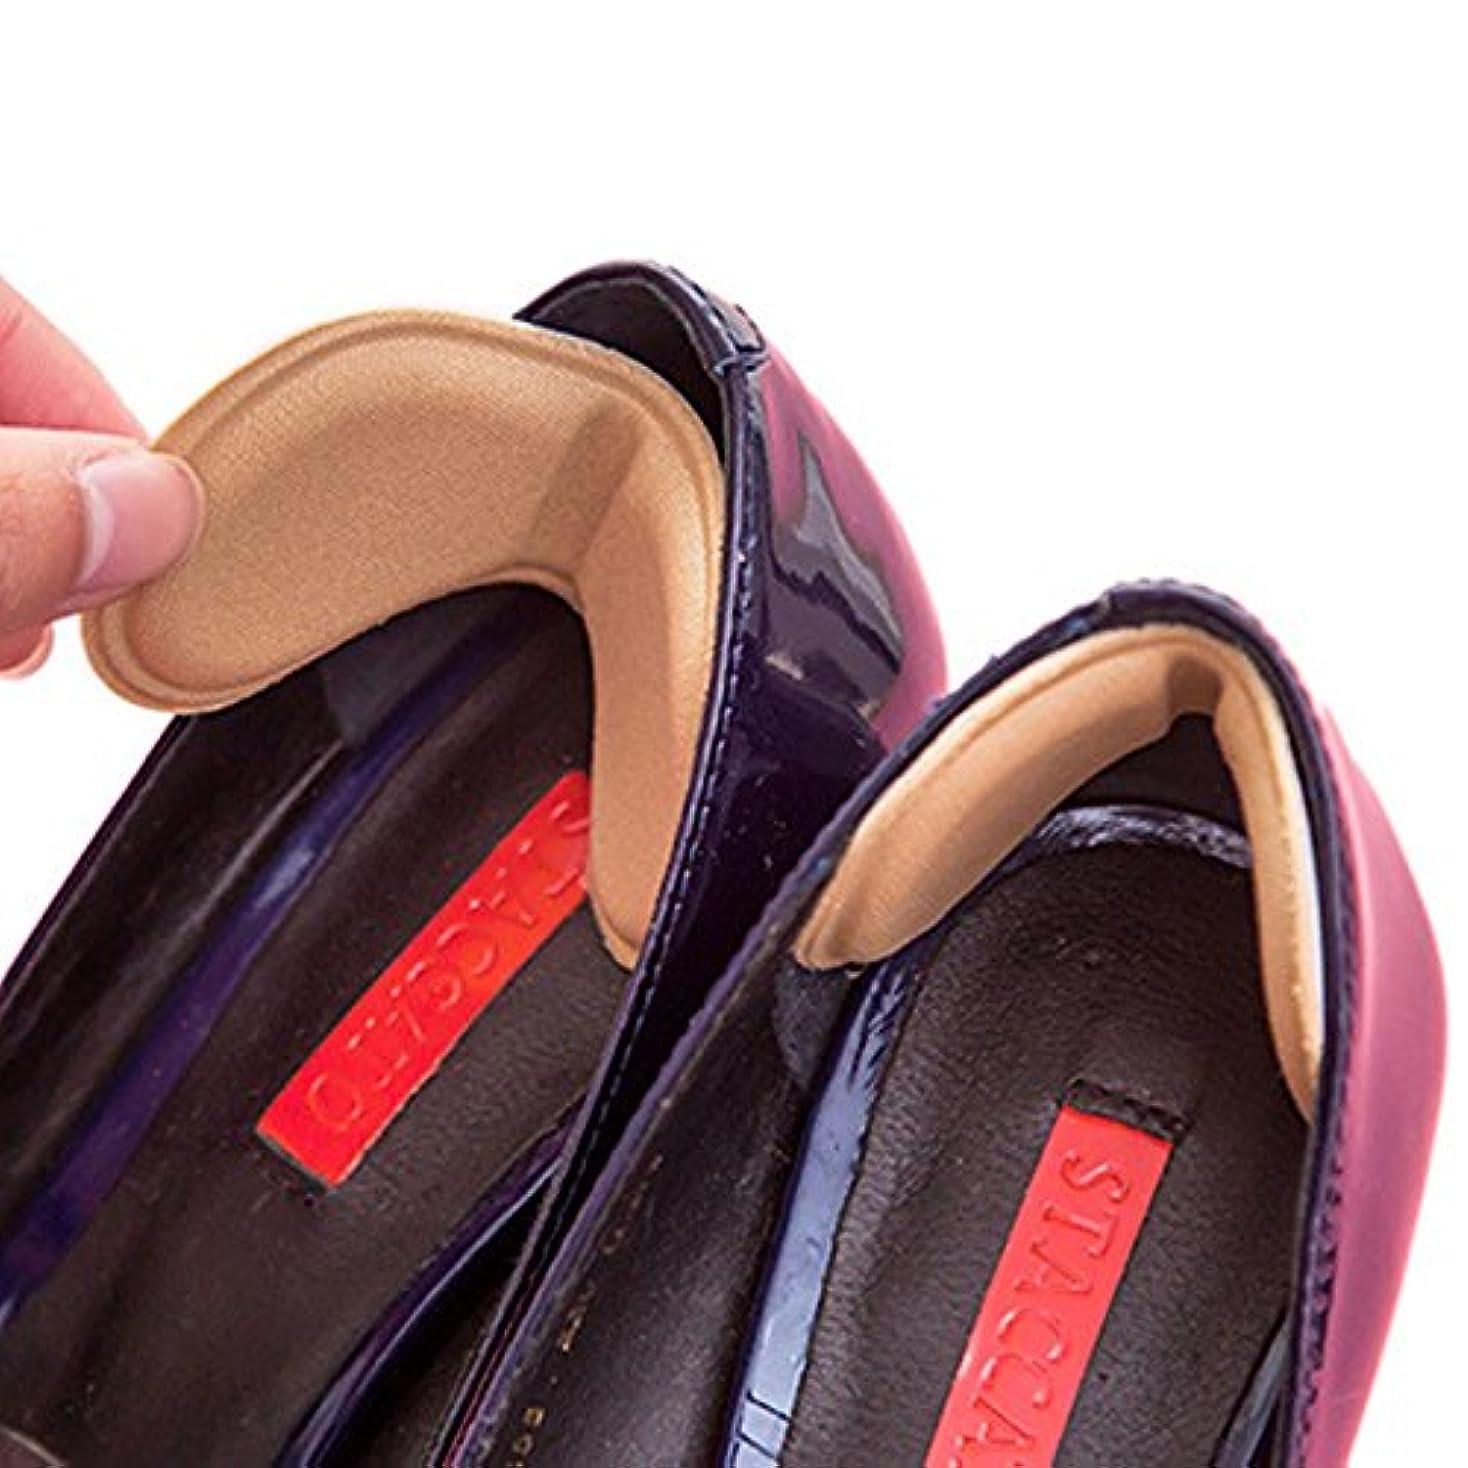 弁護不完全な出くわす靴擦れ 半張りパッド 靴擦れ防止 防止かかと パカパカ防止 ハイヒール用 足裏保護 インソール 靴のサイズ調整 四組入り